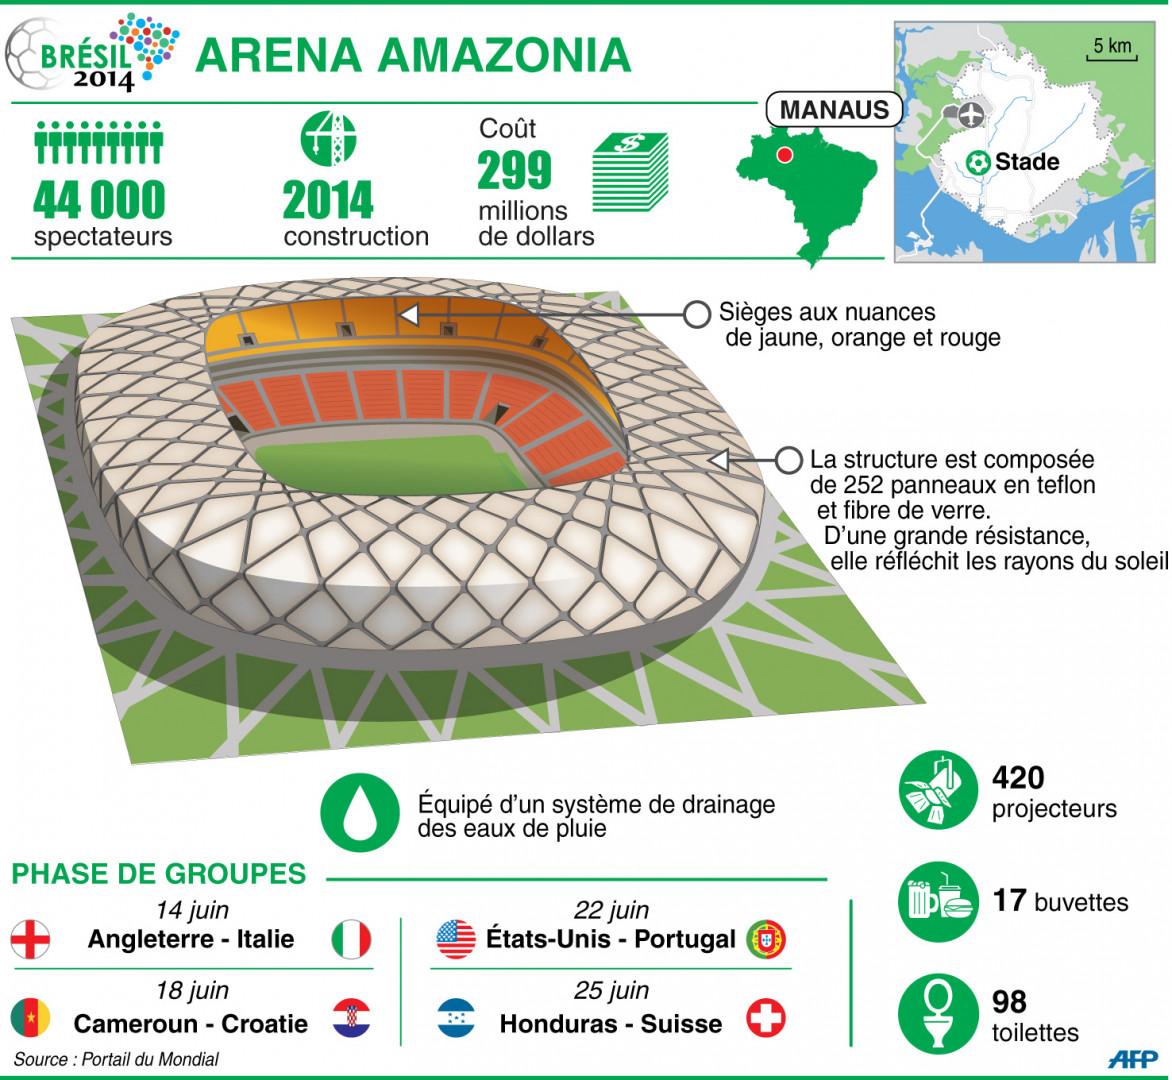 Infographie : l'Arena Amazonia à Manaus